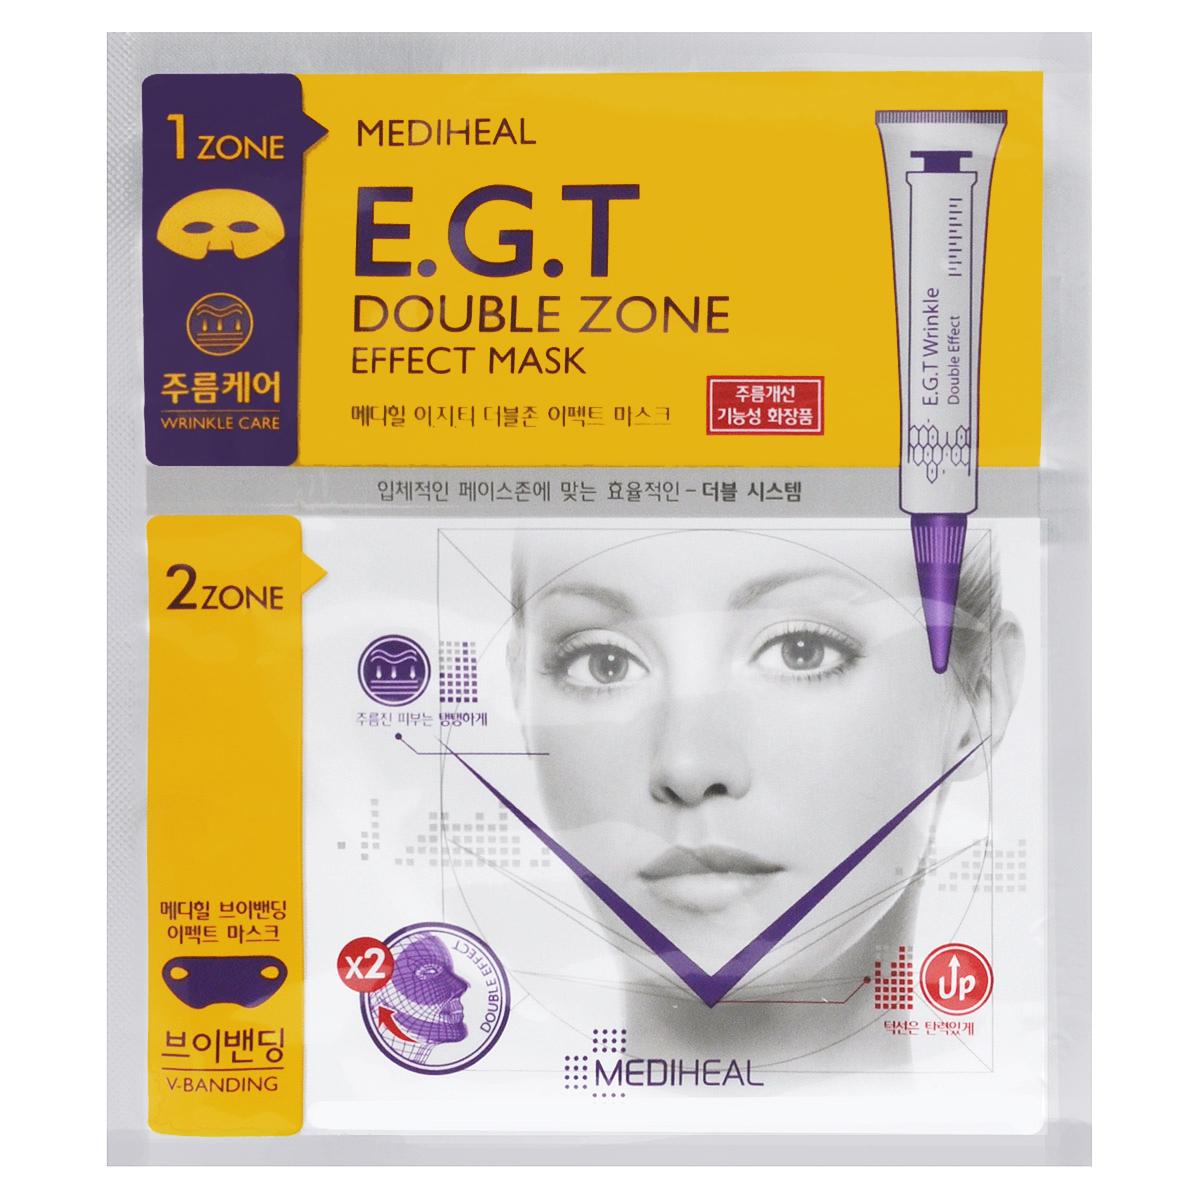 Beauty Clinic Маска для лица EGF, с лифтинг-эффектом, двухзональная555548Маска ухаживает сразу за двумя зонами кожи лица: разглаживает морщины в верхней части лица, замедляет процесс старения и подтягивает V-зону, делая ее более упругой и эластичной. Маска решает 2 задачи: 1. Лифтинг верхней части лица, в том числе зоны вокруг глаз. Маска разглаживает морщины, возвращает упругость и эластичность коже, увлажняет. Верхняя часть маски на основе целлюлозы плотно прилегает к коже, обеспечивая глубокое проникновение питательных веществ. Кожа выглядит подтянутой, молодой и здоровой. Эссенция, которой пропитана маска, содержит такие эффективные компоненты как EGF, гидролизованный коллаген, астаксантин, аскорбилфосфат натрия (витамин С). EGF (Epidermis Growth Faсtor) - фактор роста эпидермиса, регенерации клеток. EGF замедляет процесс старения кожи; способствует обновлению клеток эпидермиса, сохраняя молодость кожи; защищает кожу от повреждений и раздражений; улучшает цвет лица. Астаксантин – мощный антиоксидант. ...